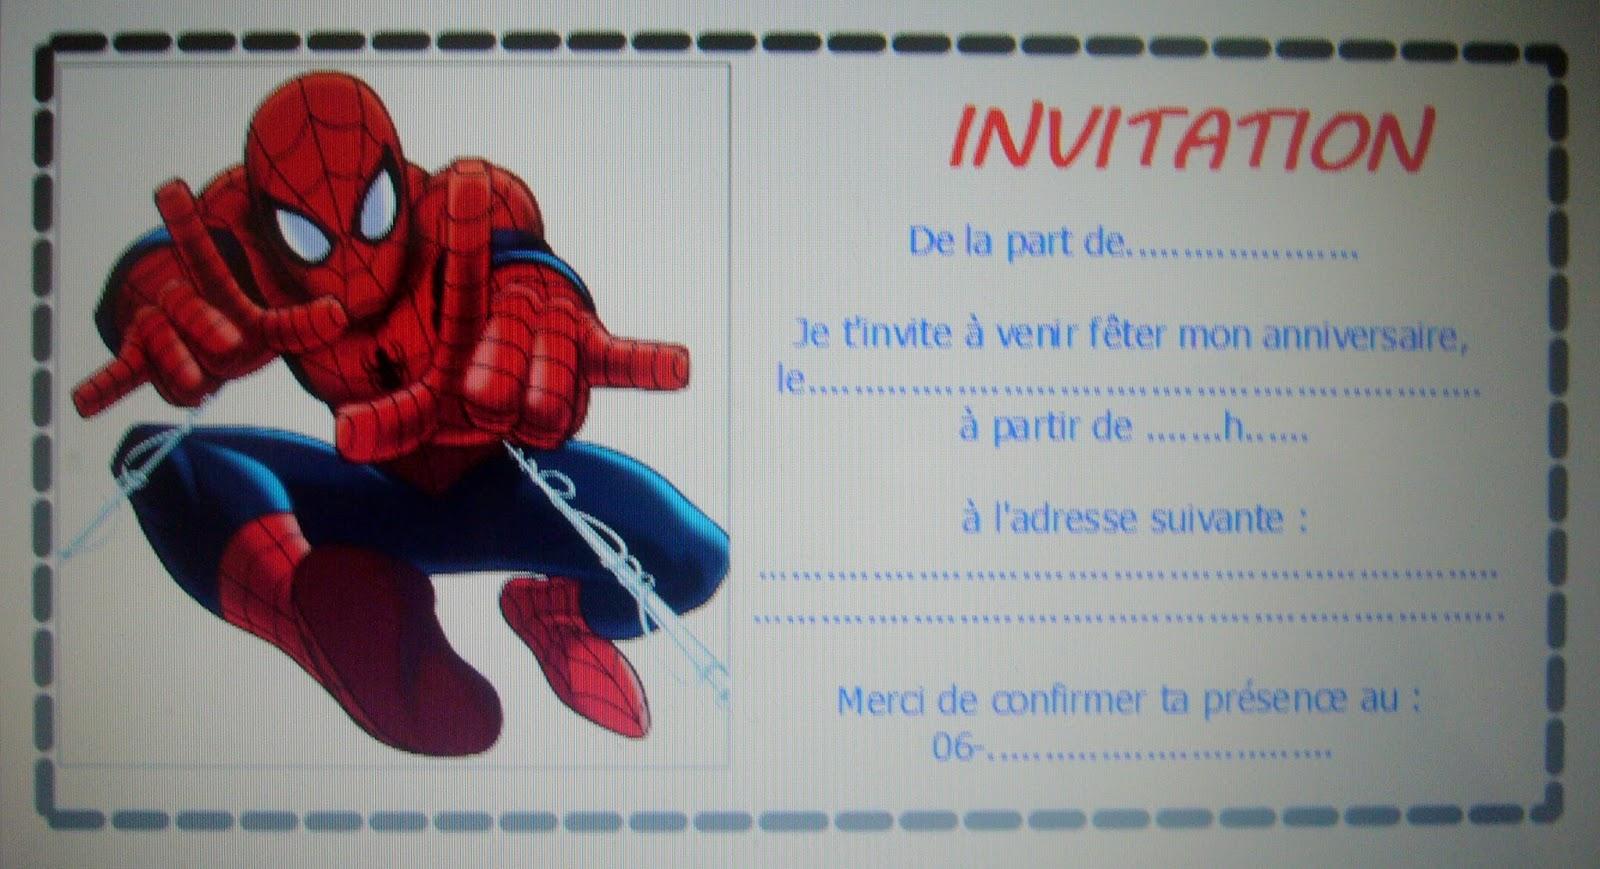 Les petits rois les gratuits - Photo de spiderman a imprimer gratuit ...